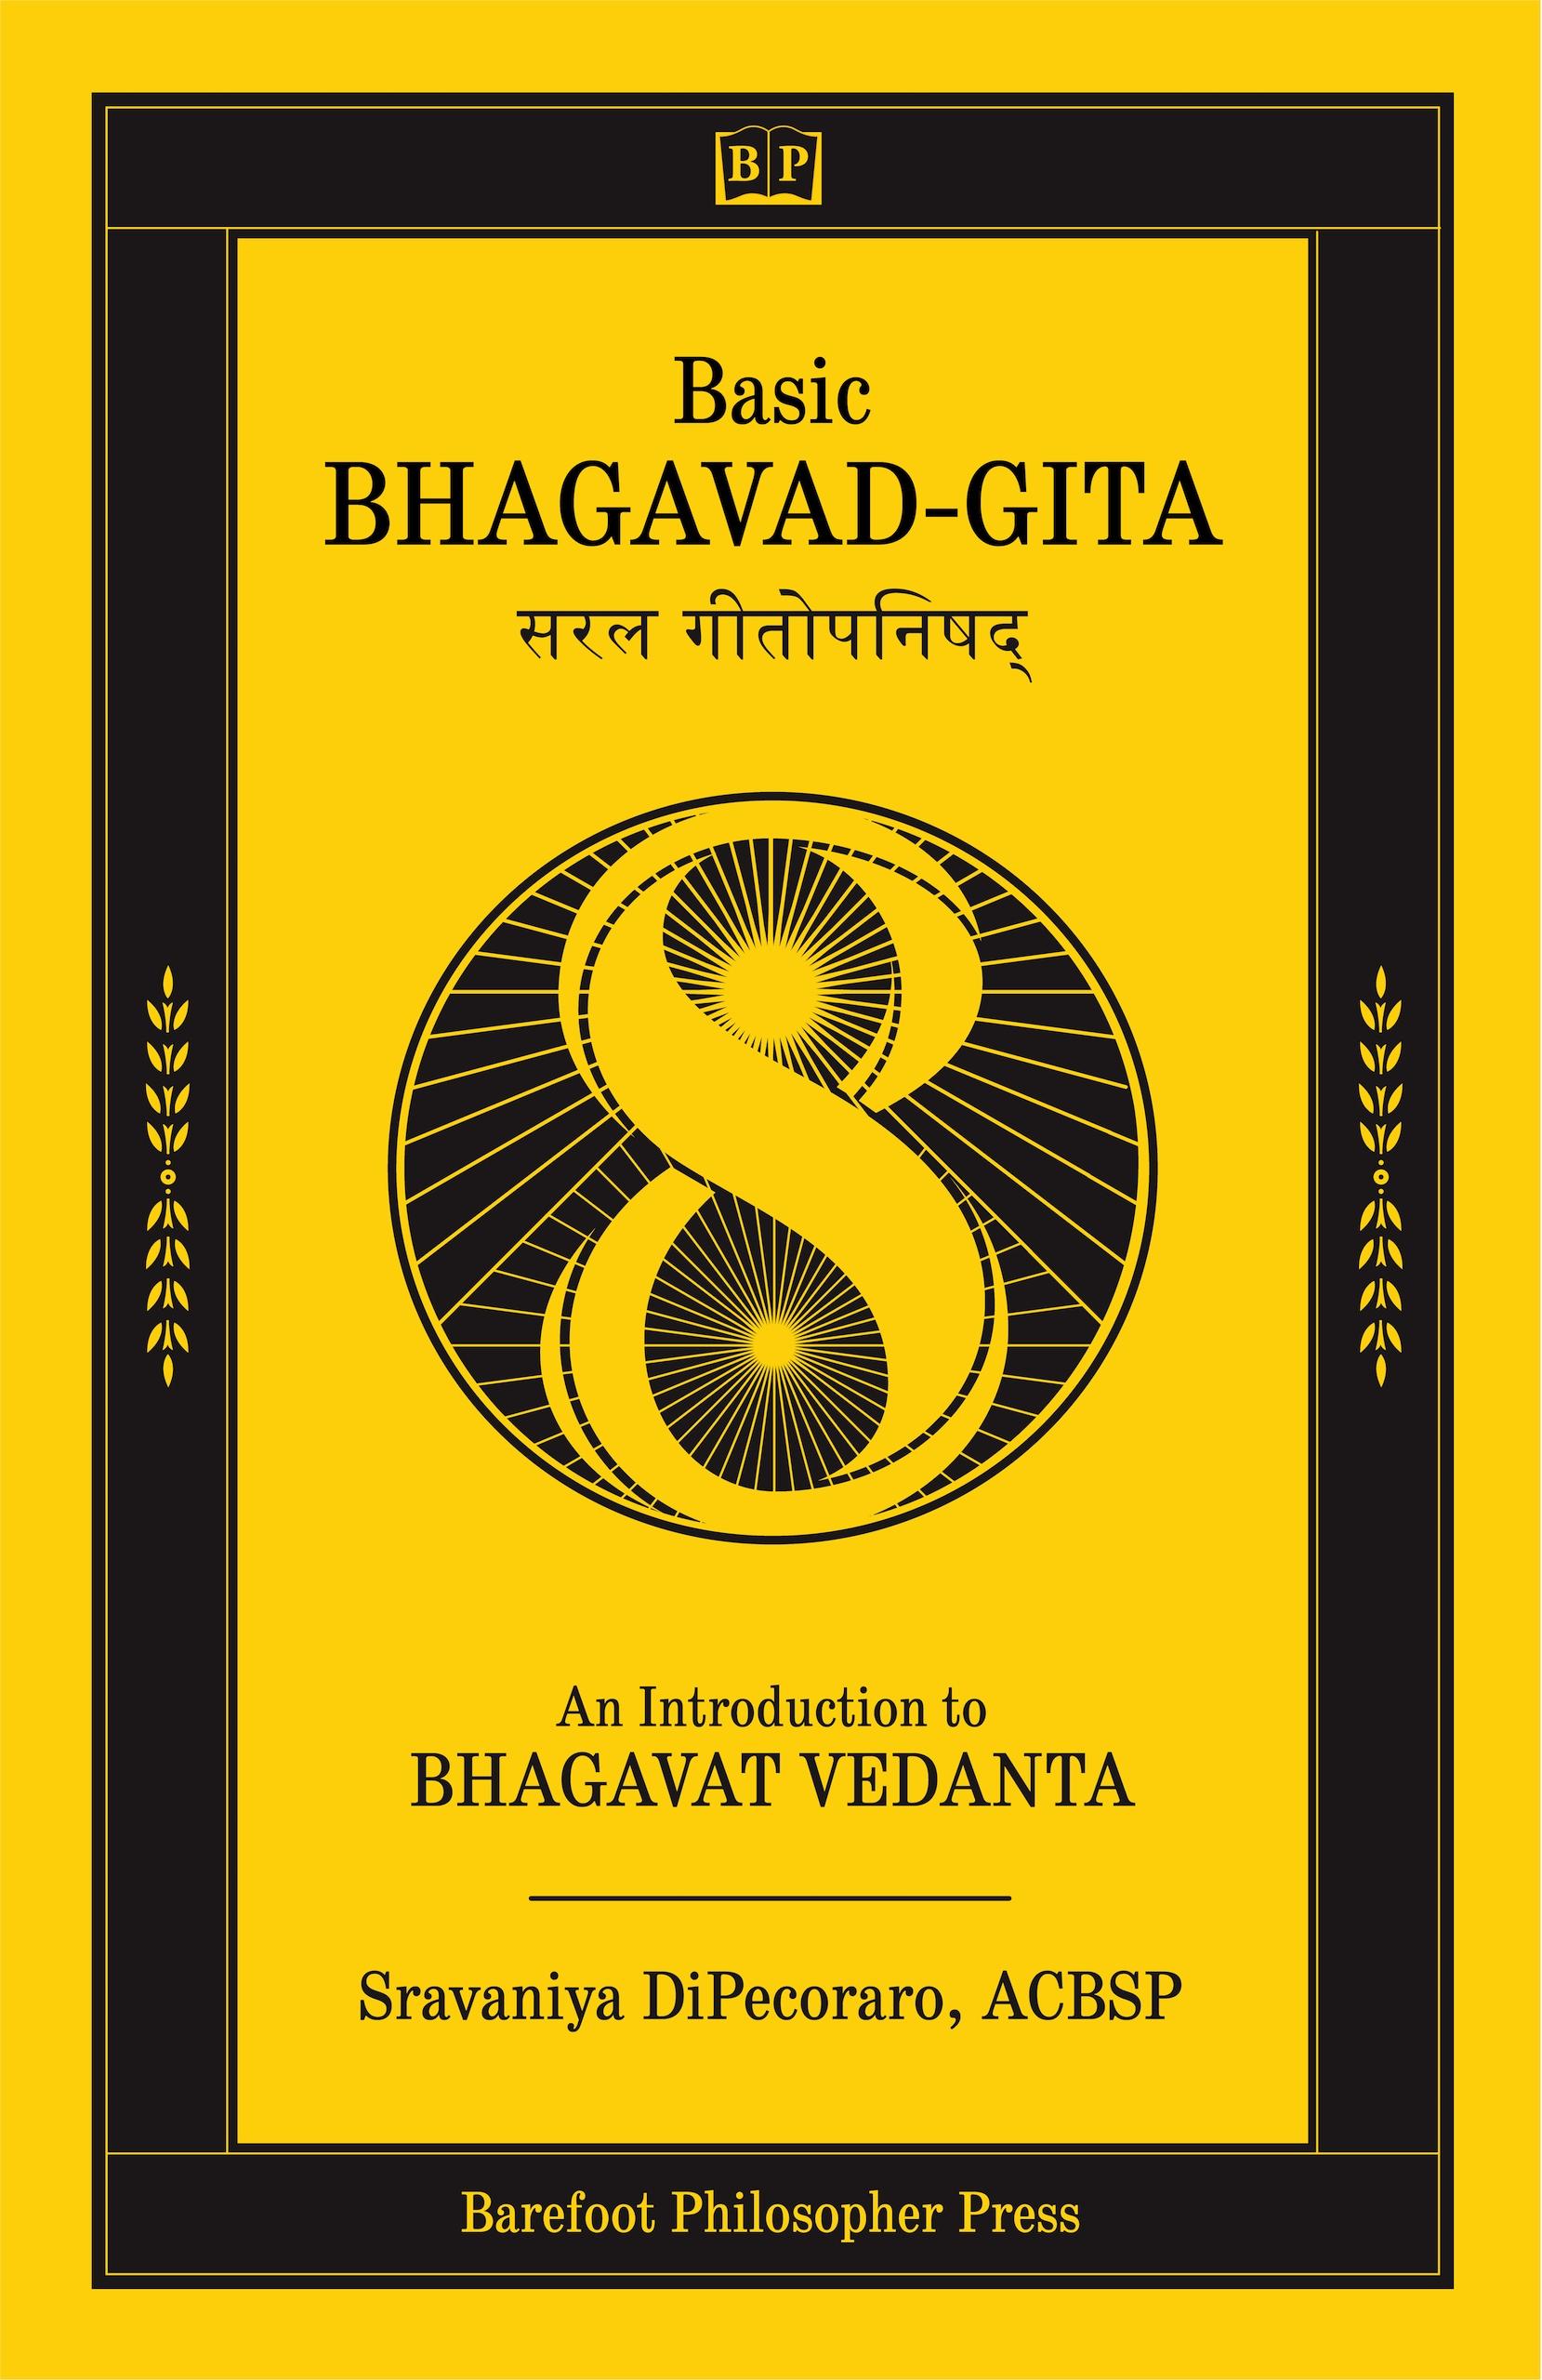 BASIC-BHAGAVAD-GITA-Kindle.jpg